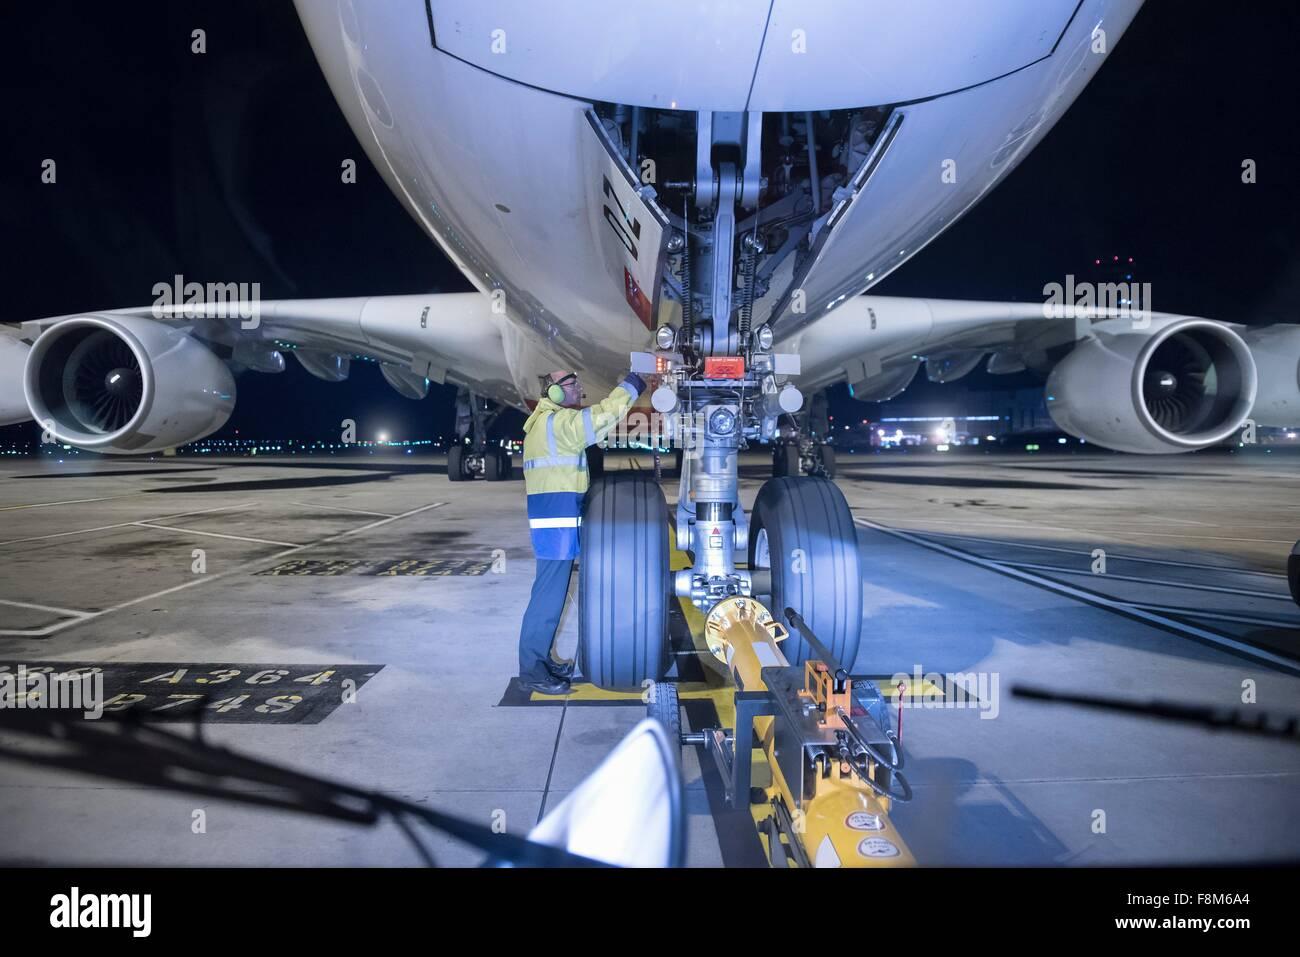 Ingénieur en chef de l'inspection d'A380 sur la piste à l'aéroport de nuit Photo Stock